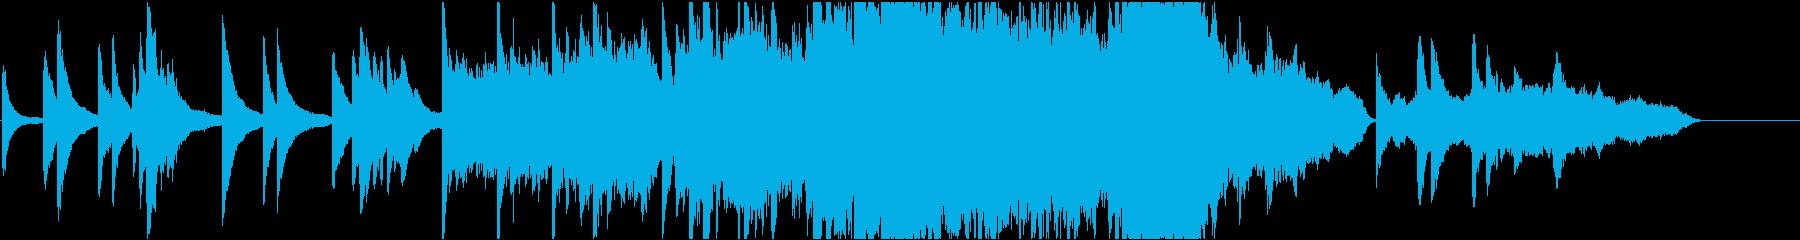 企業VP33 16bit48kHzVerの再生済みの波形